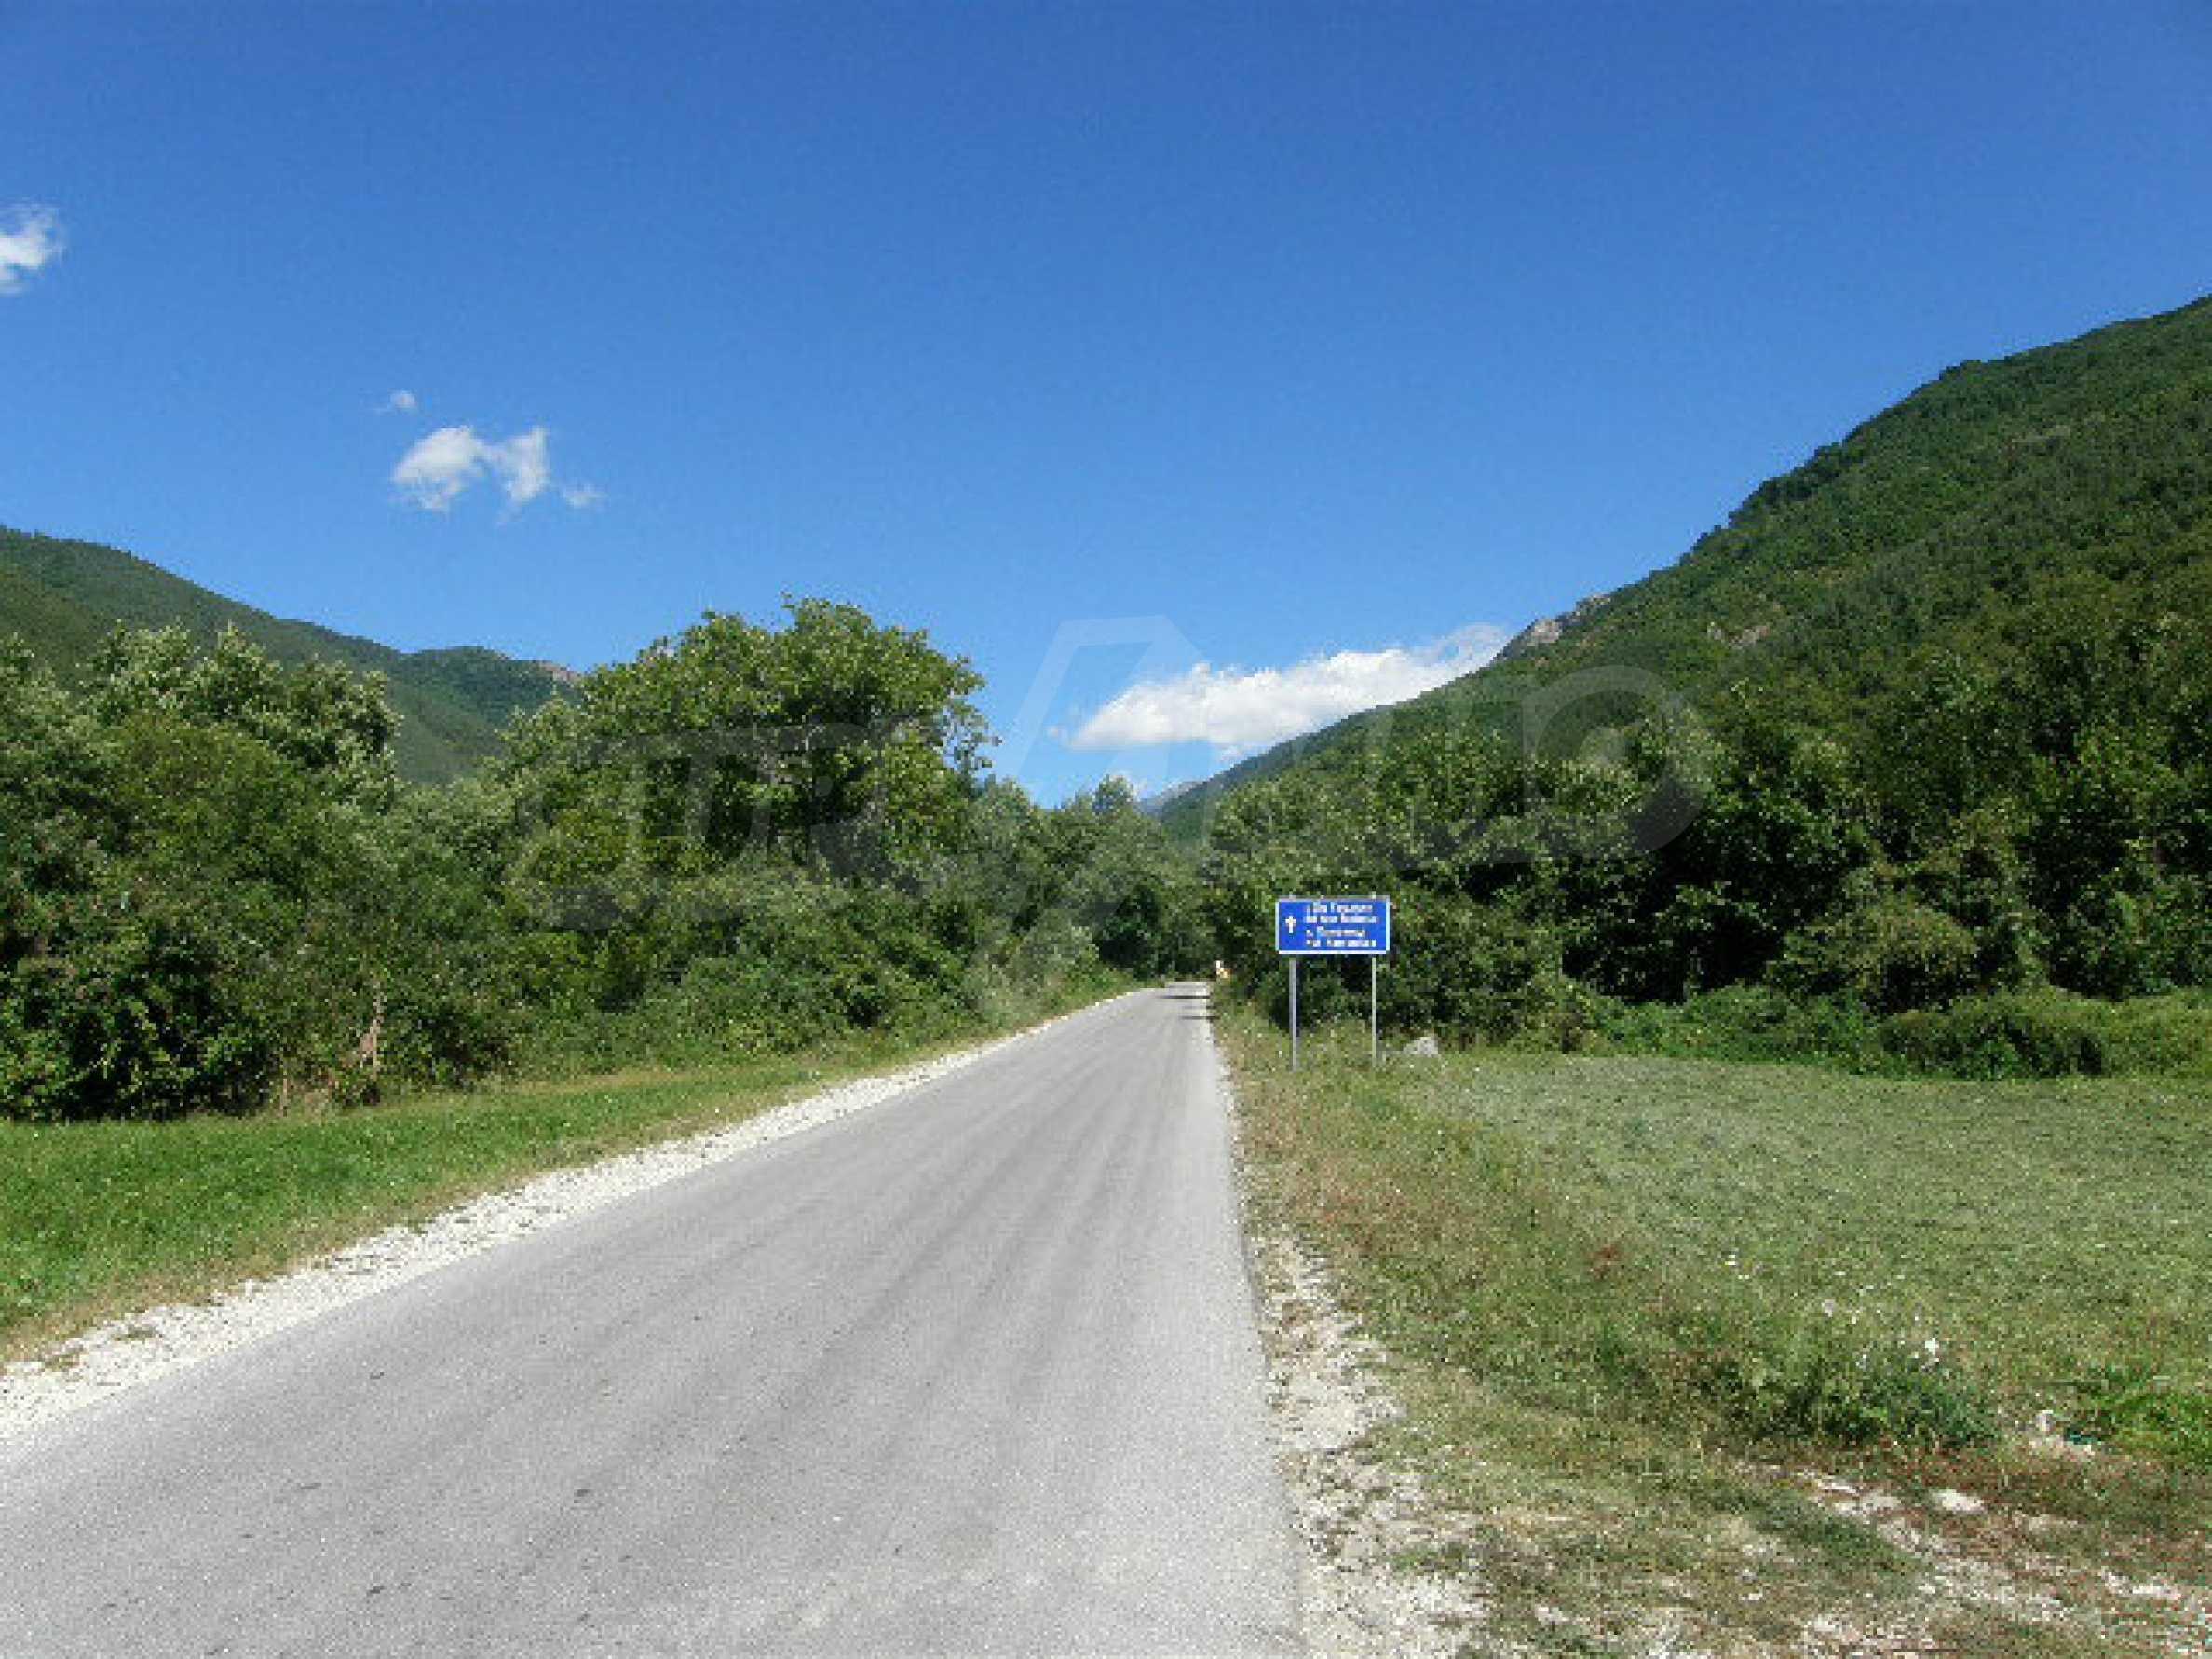 Bauland für ein Feriendorf in der Nähe von Sandanski 6